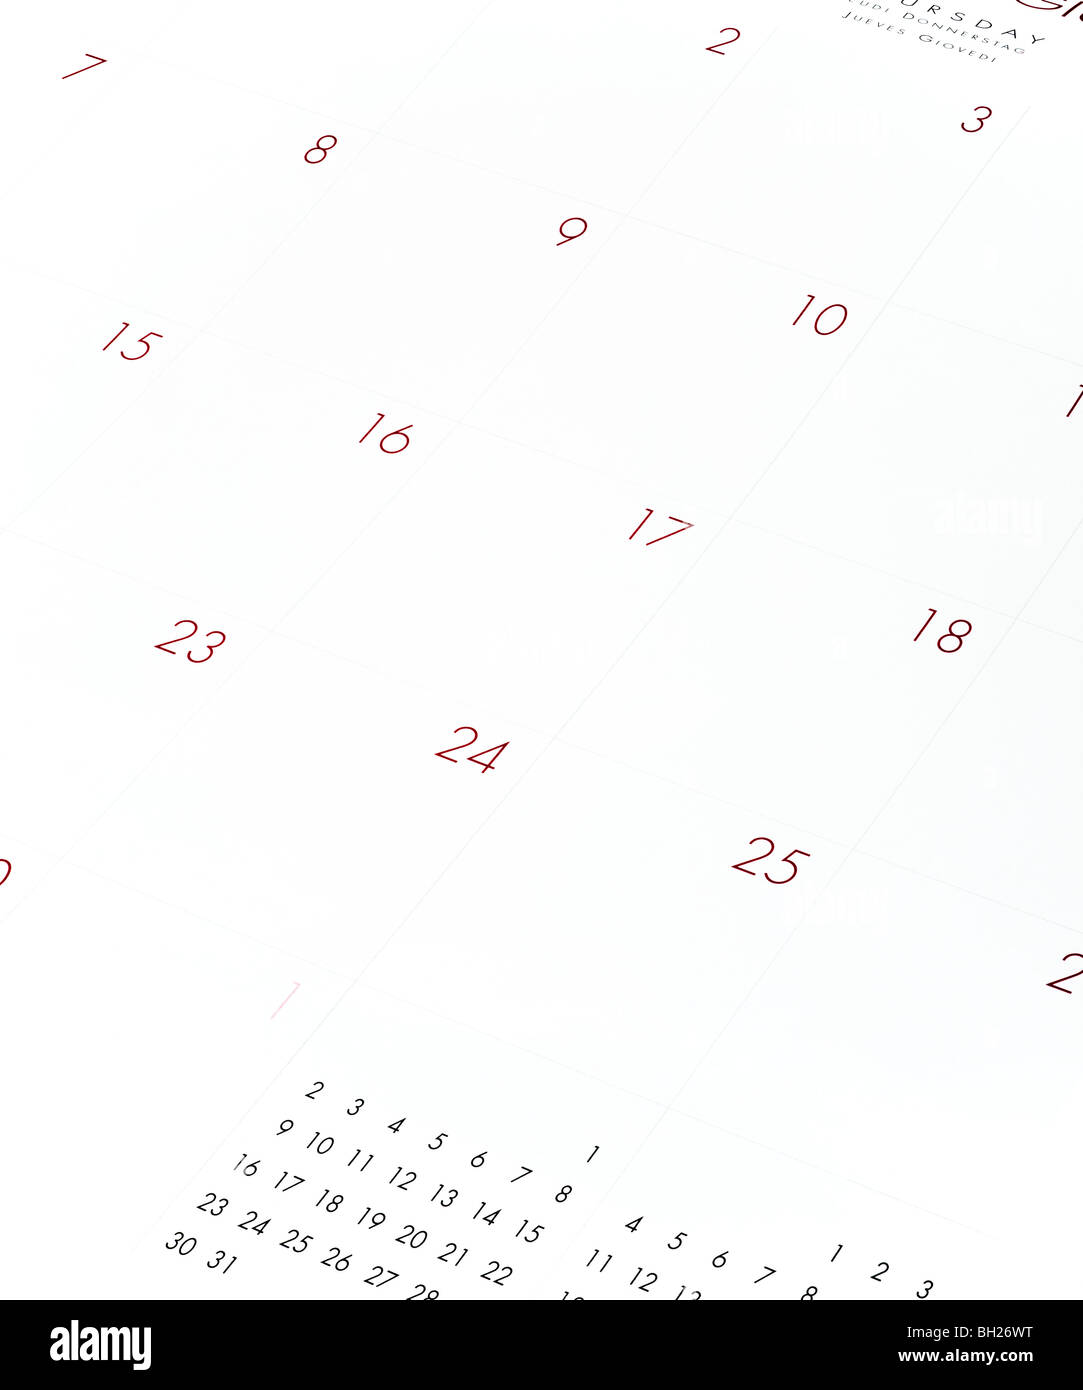 Calendario en blanco página cerrar arriba Imagen De Stock